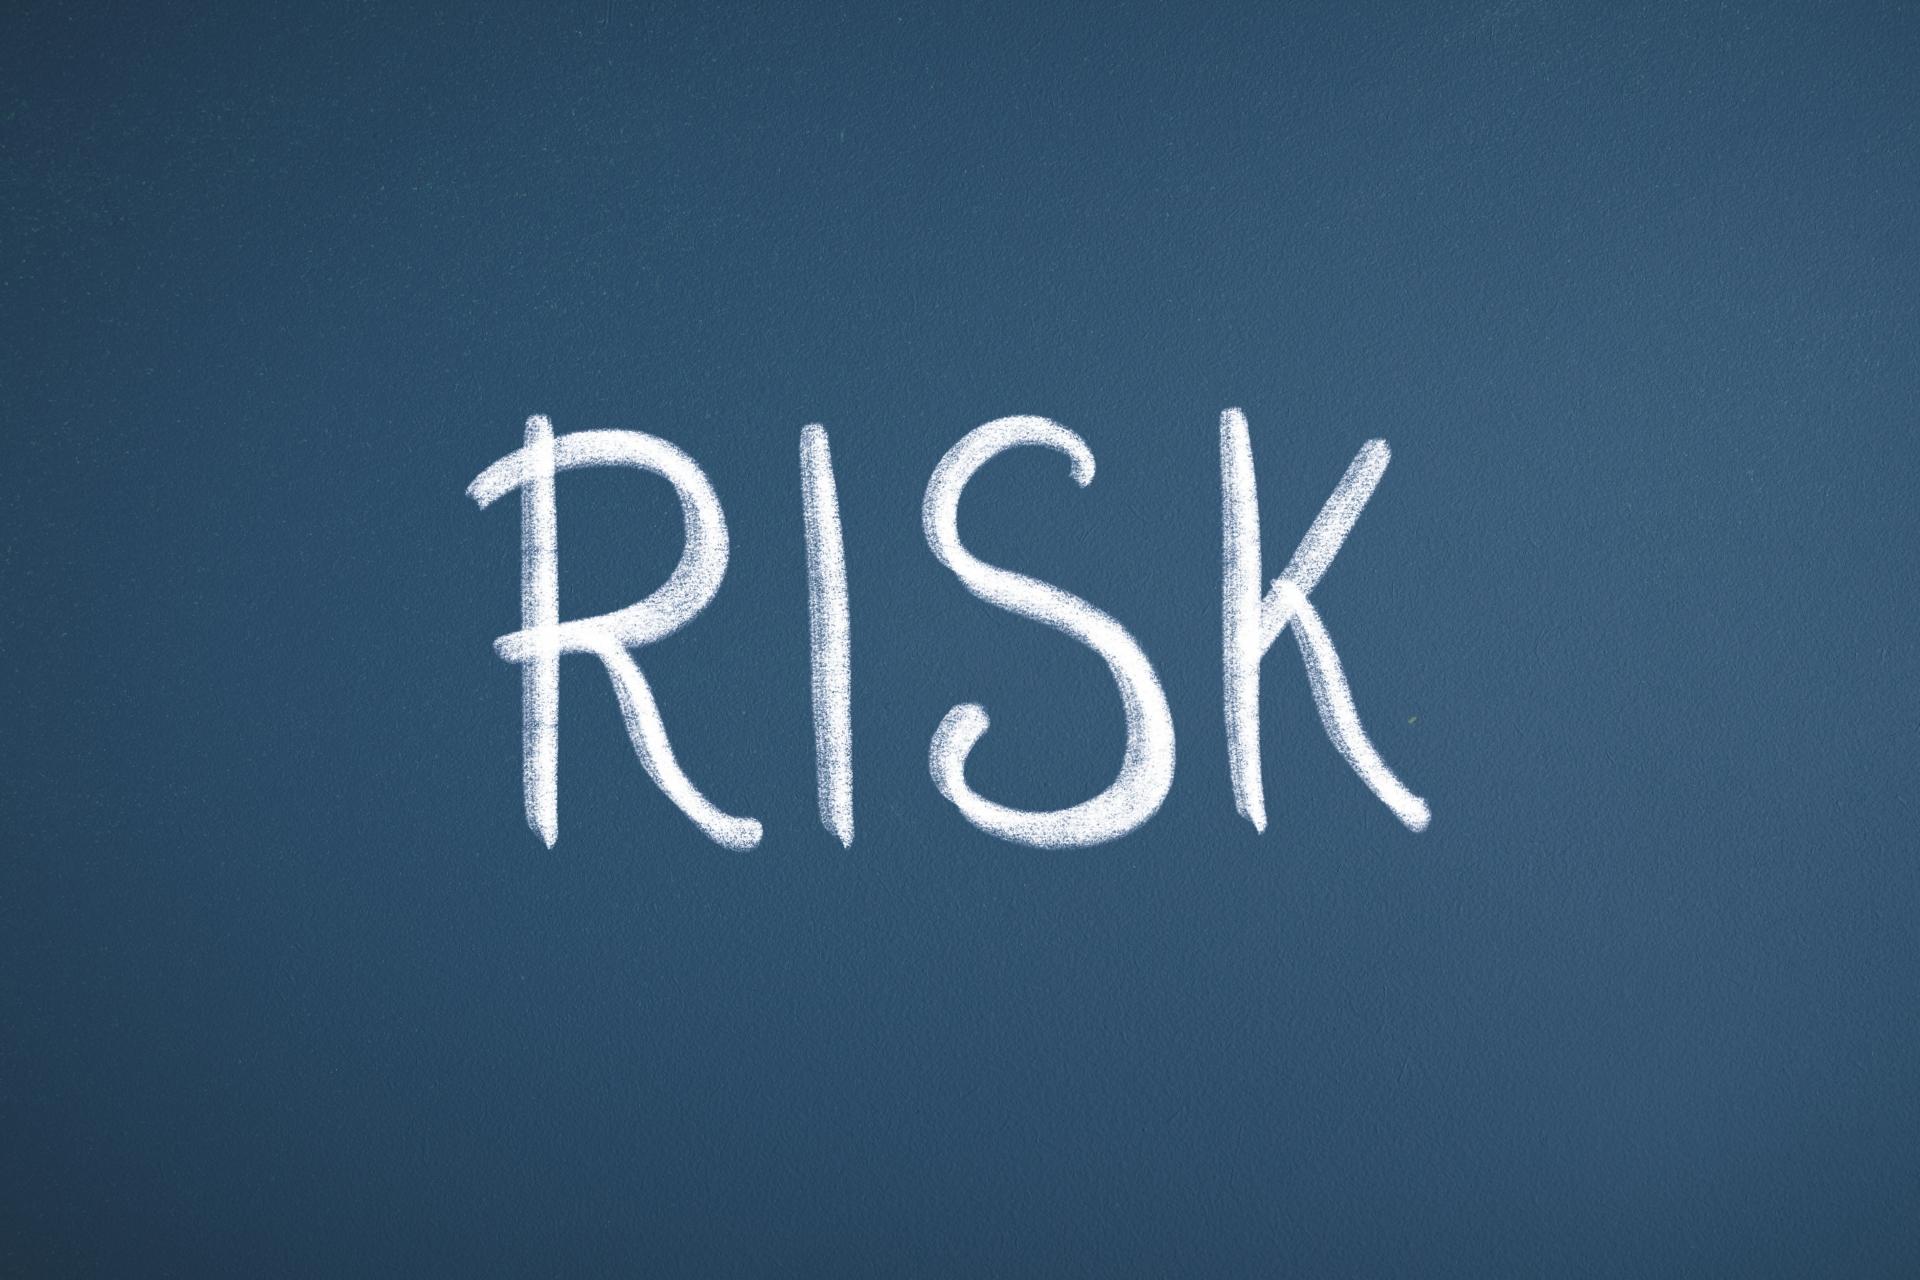 投資のリスク取り過ぎてない?「分散投資でリスクをコントロールしよう」